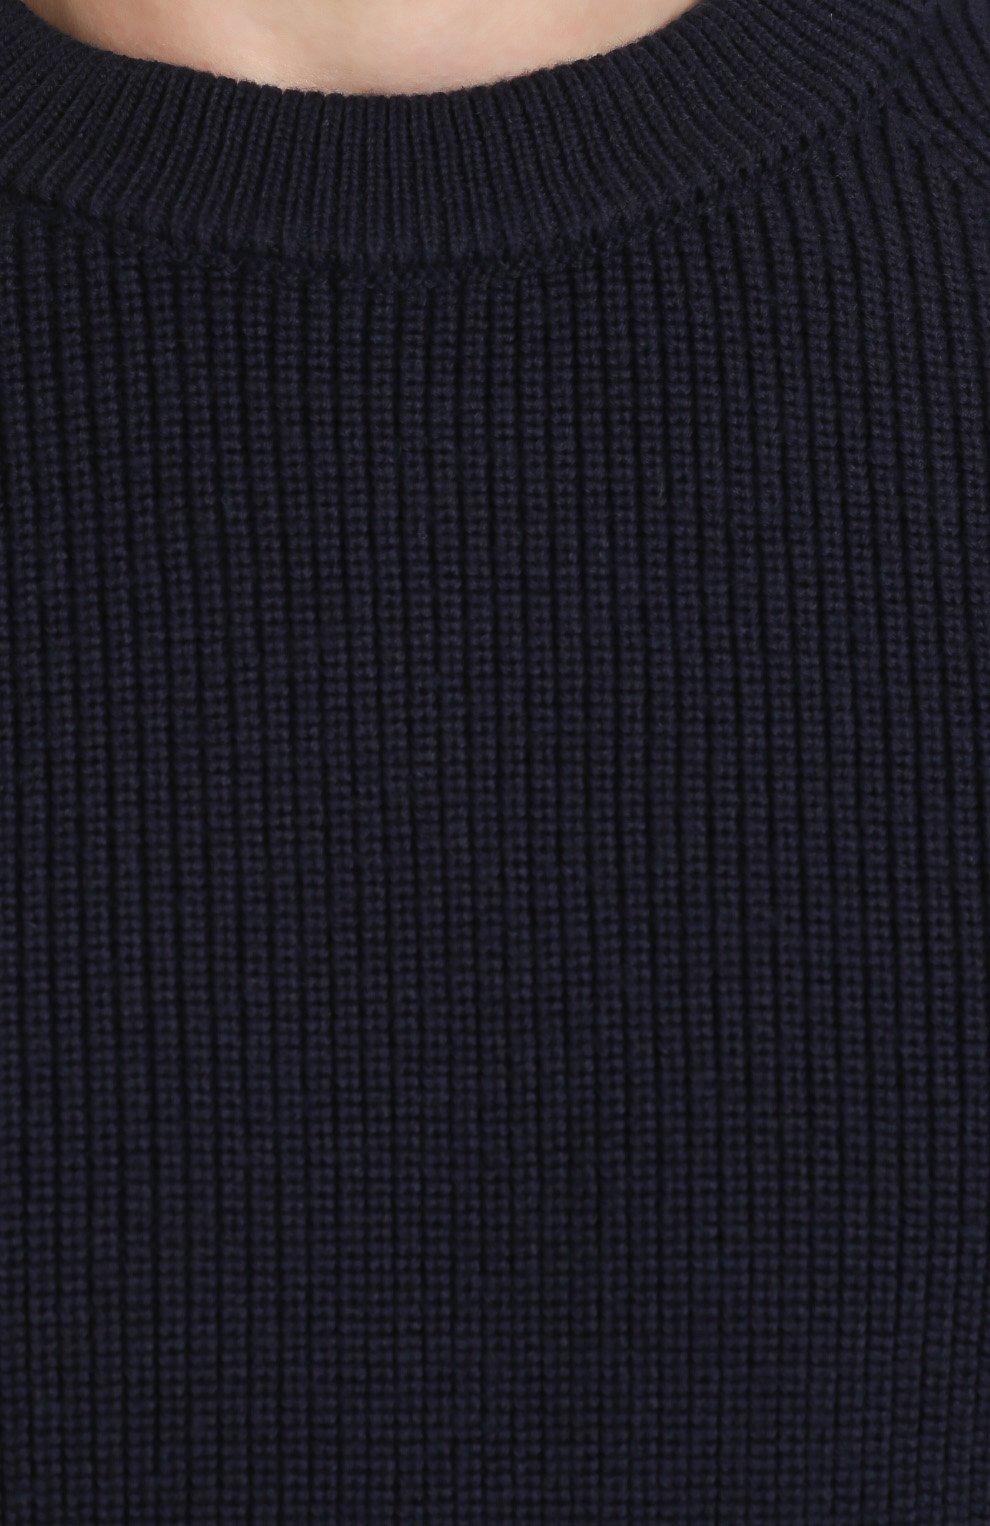 Шерстяной свитер с кожаной отделкой   Фото №5